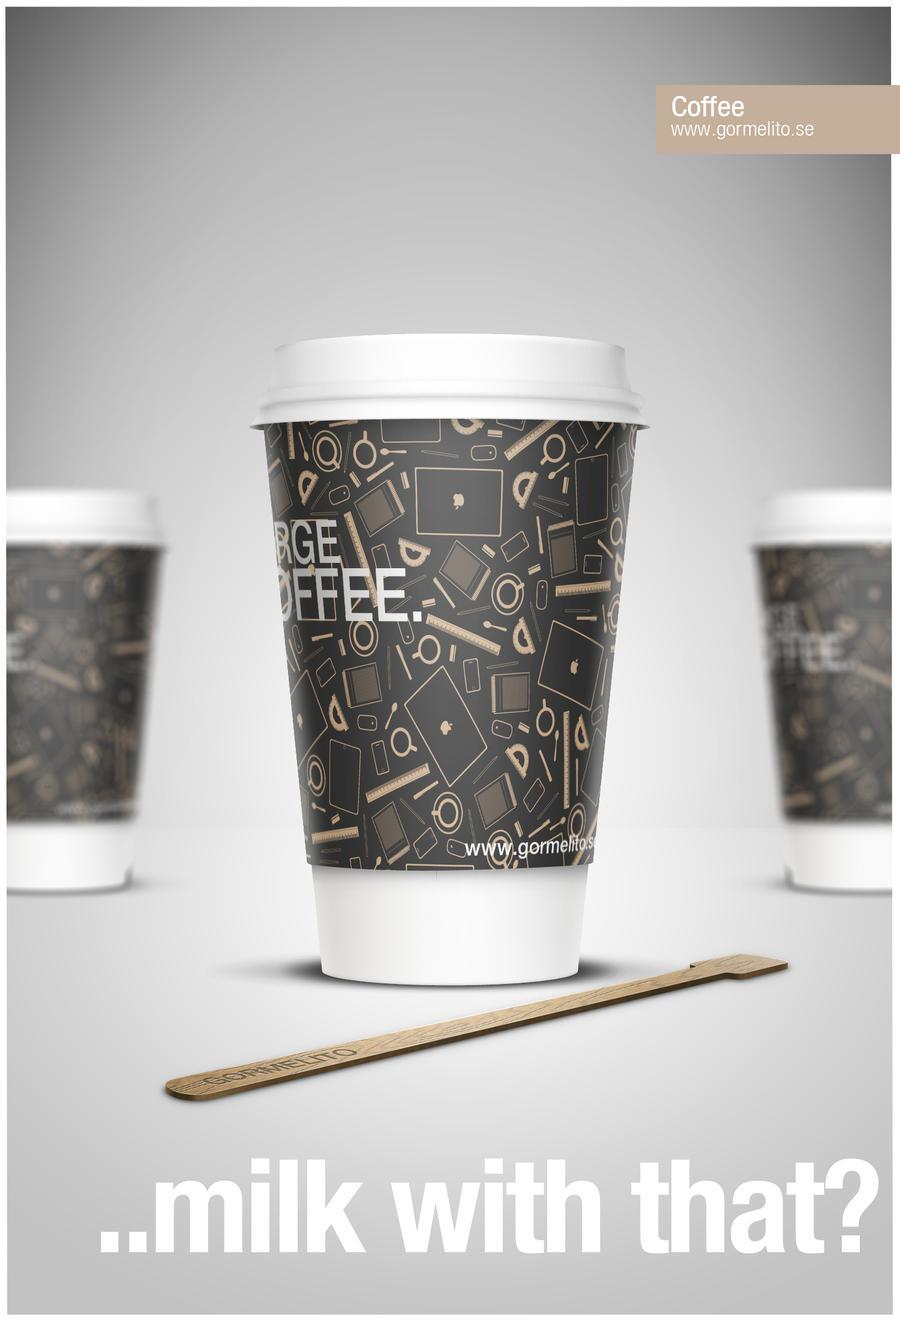 Coffee by Gormelito